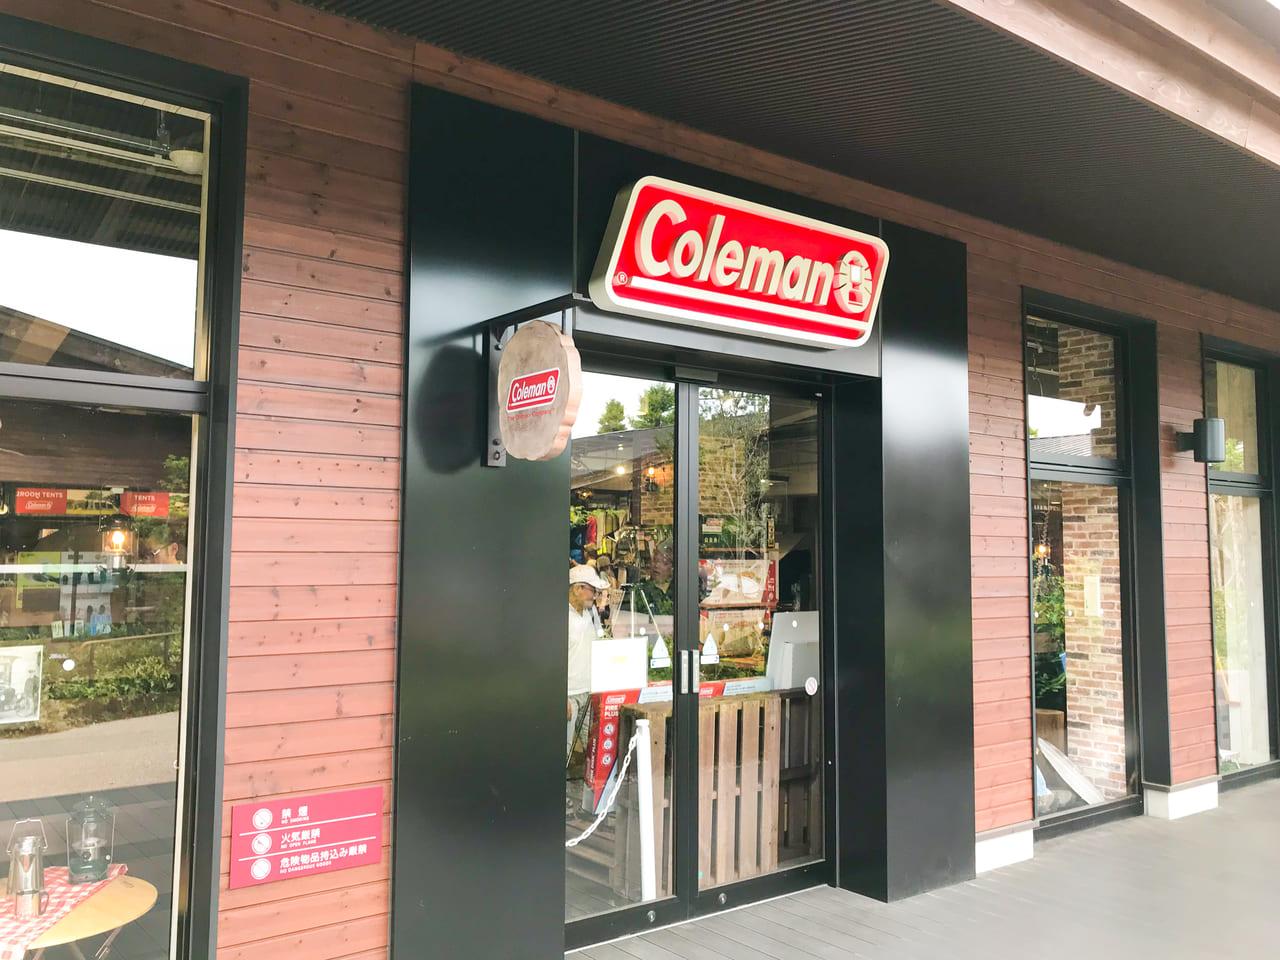 /Coleman昭島アウトドアヴィレッジ店の外観